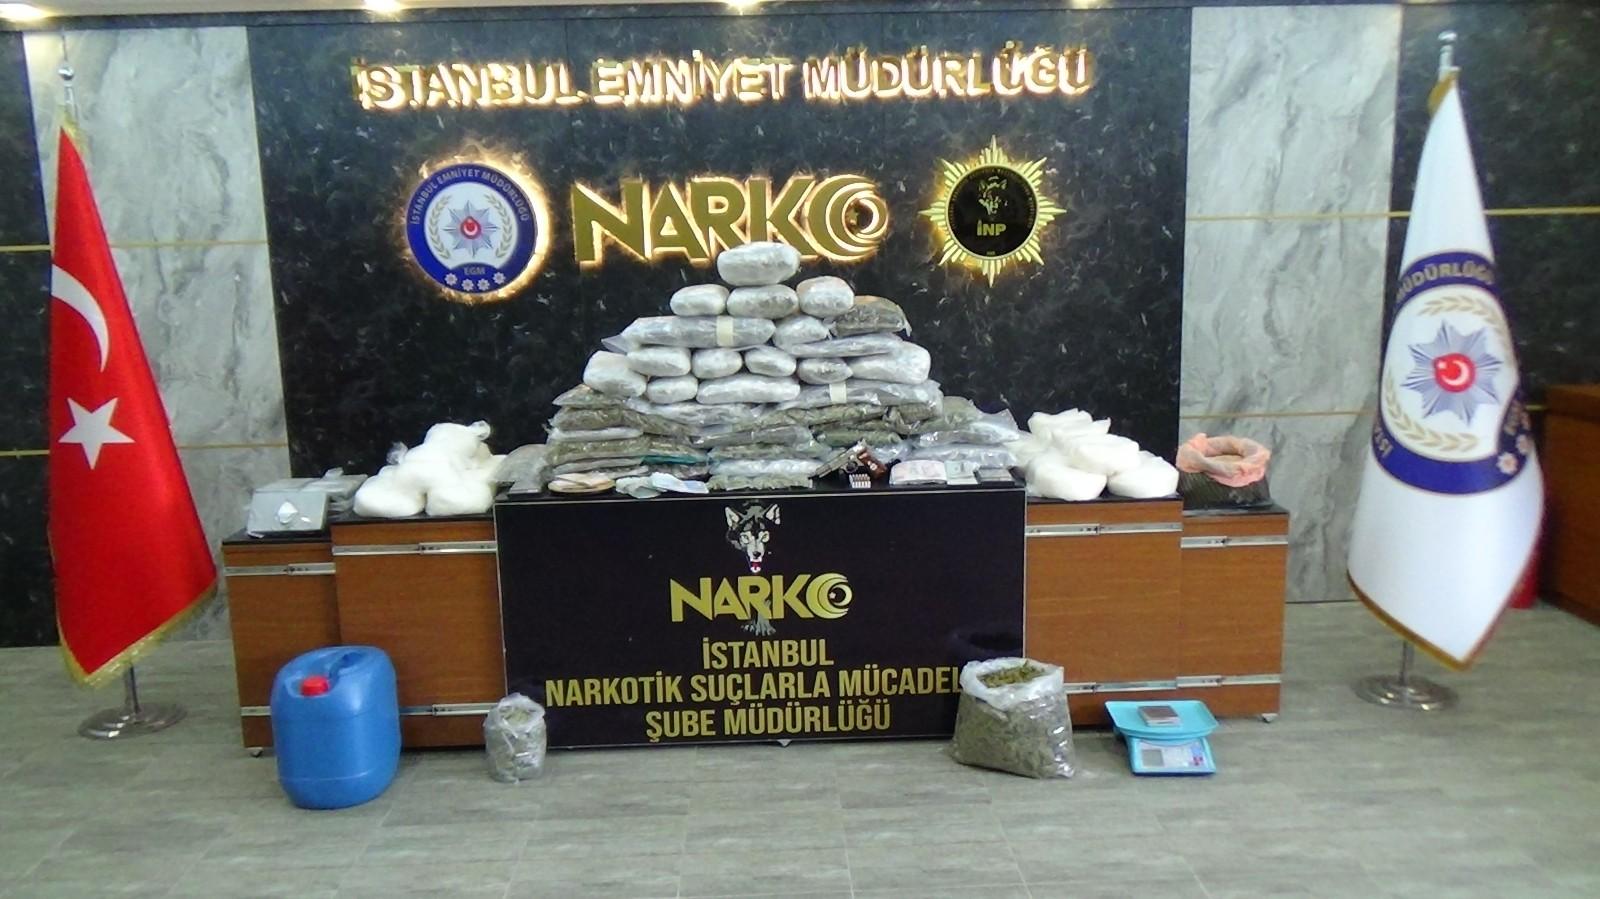 İstanbul'da uyuşturucu maddeyi tuvalete dökerken yakalanan 8 şüpheli gözaltına alındı